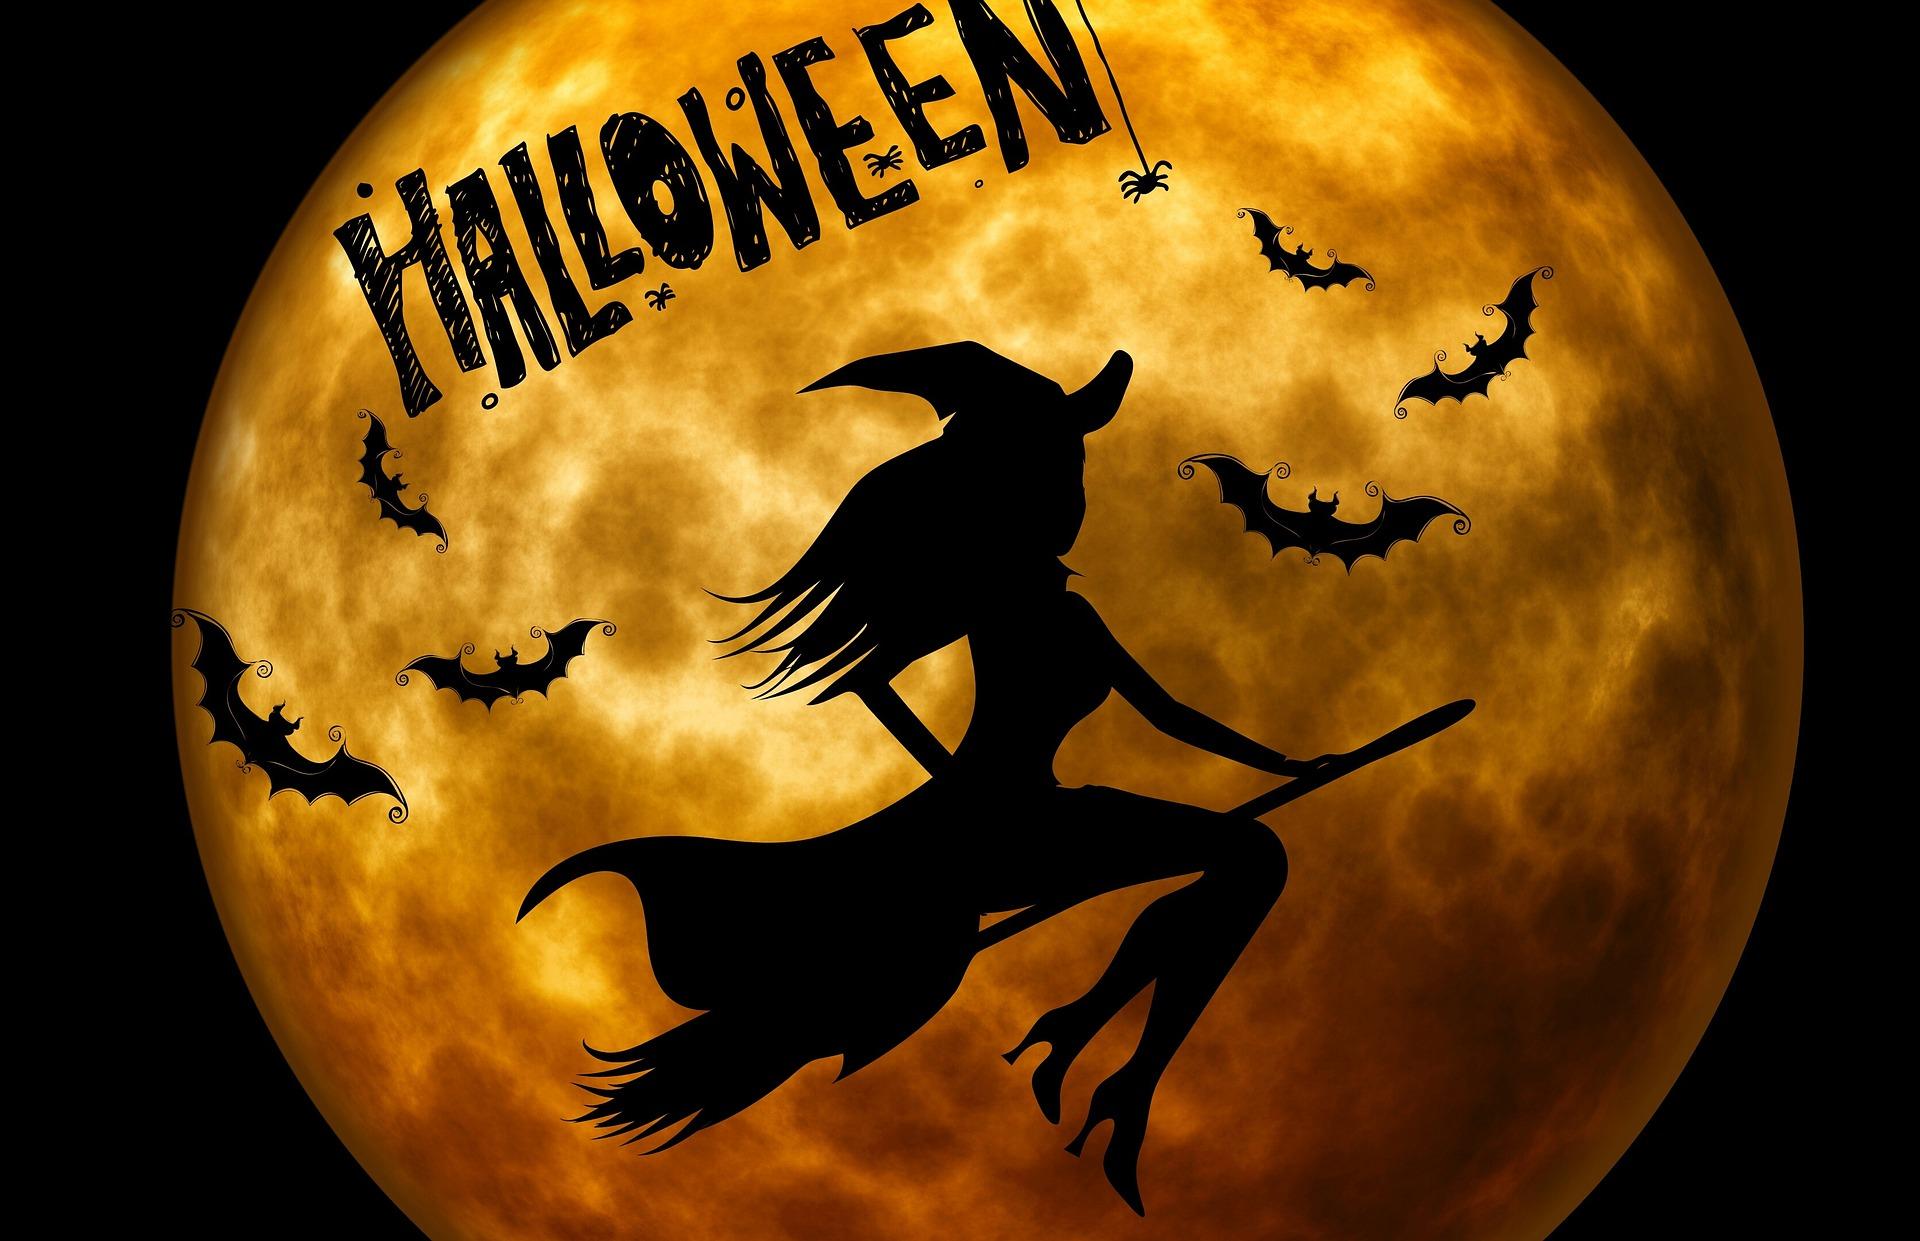 halloweenpixa